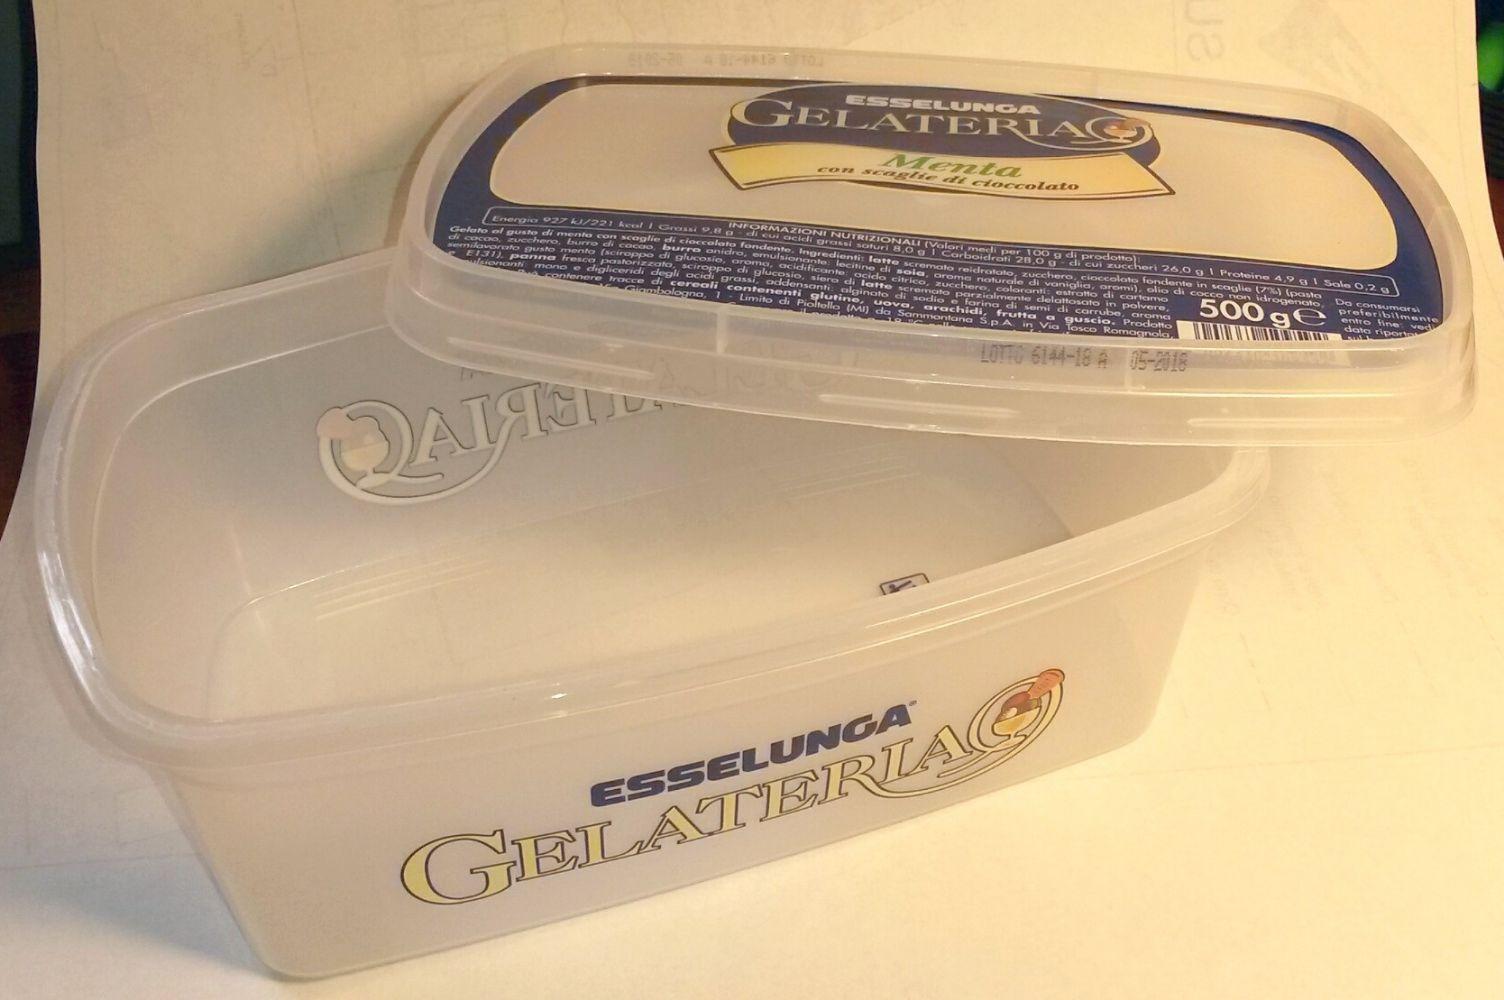 DescrizioneREGALO vaschette del gelato vuote con coperchio a tenuta,  lavate in lavastoviglie, pronte per contenere qualsiasi cosa, anche  alimenti,